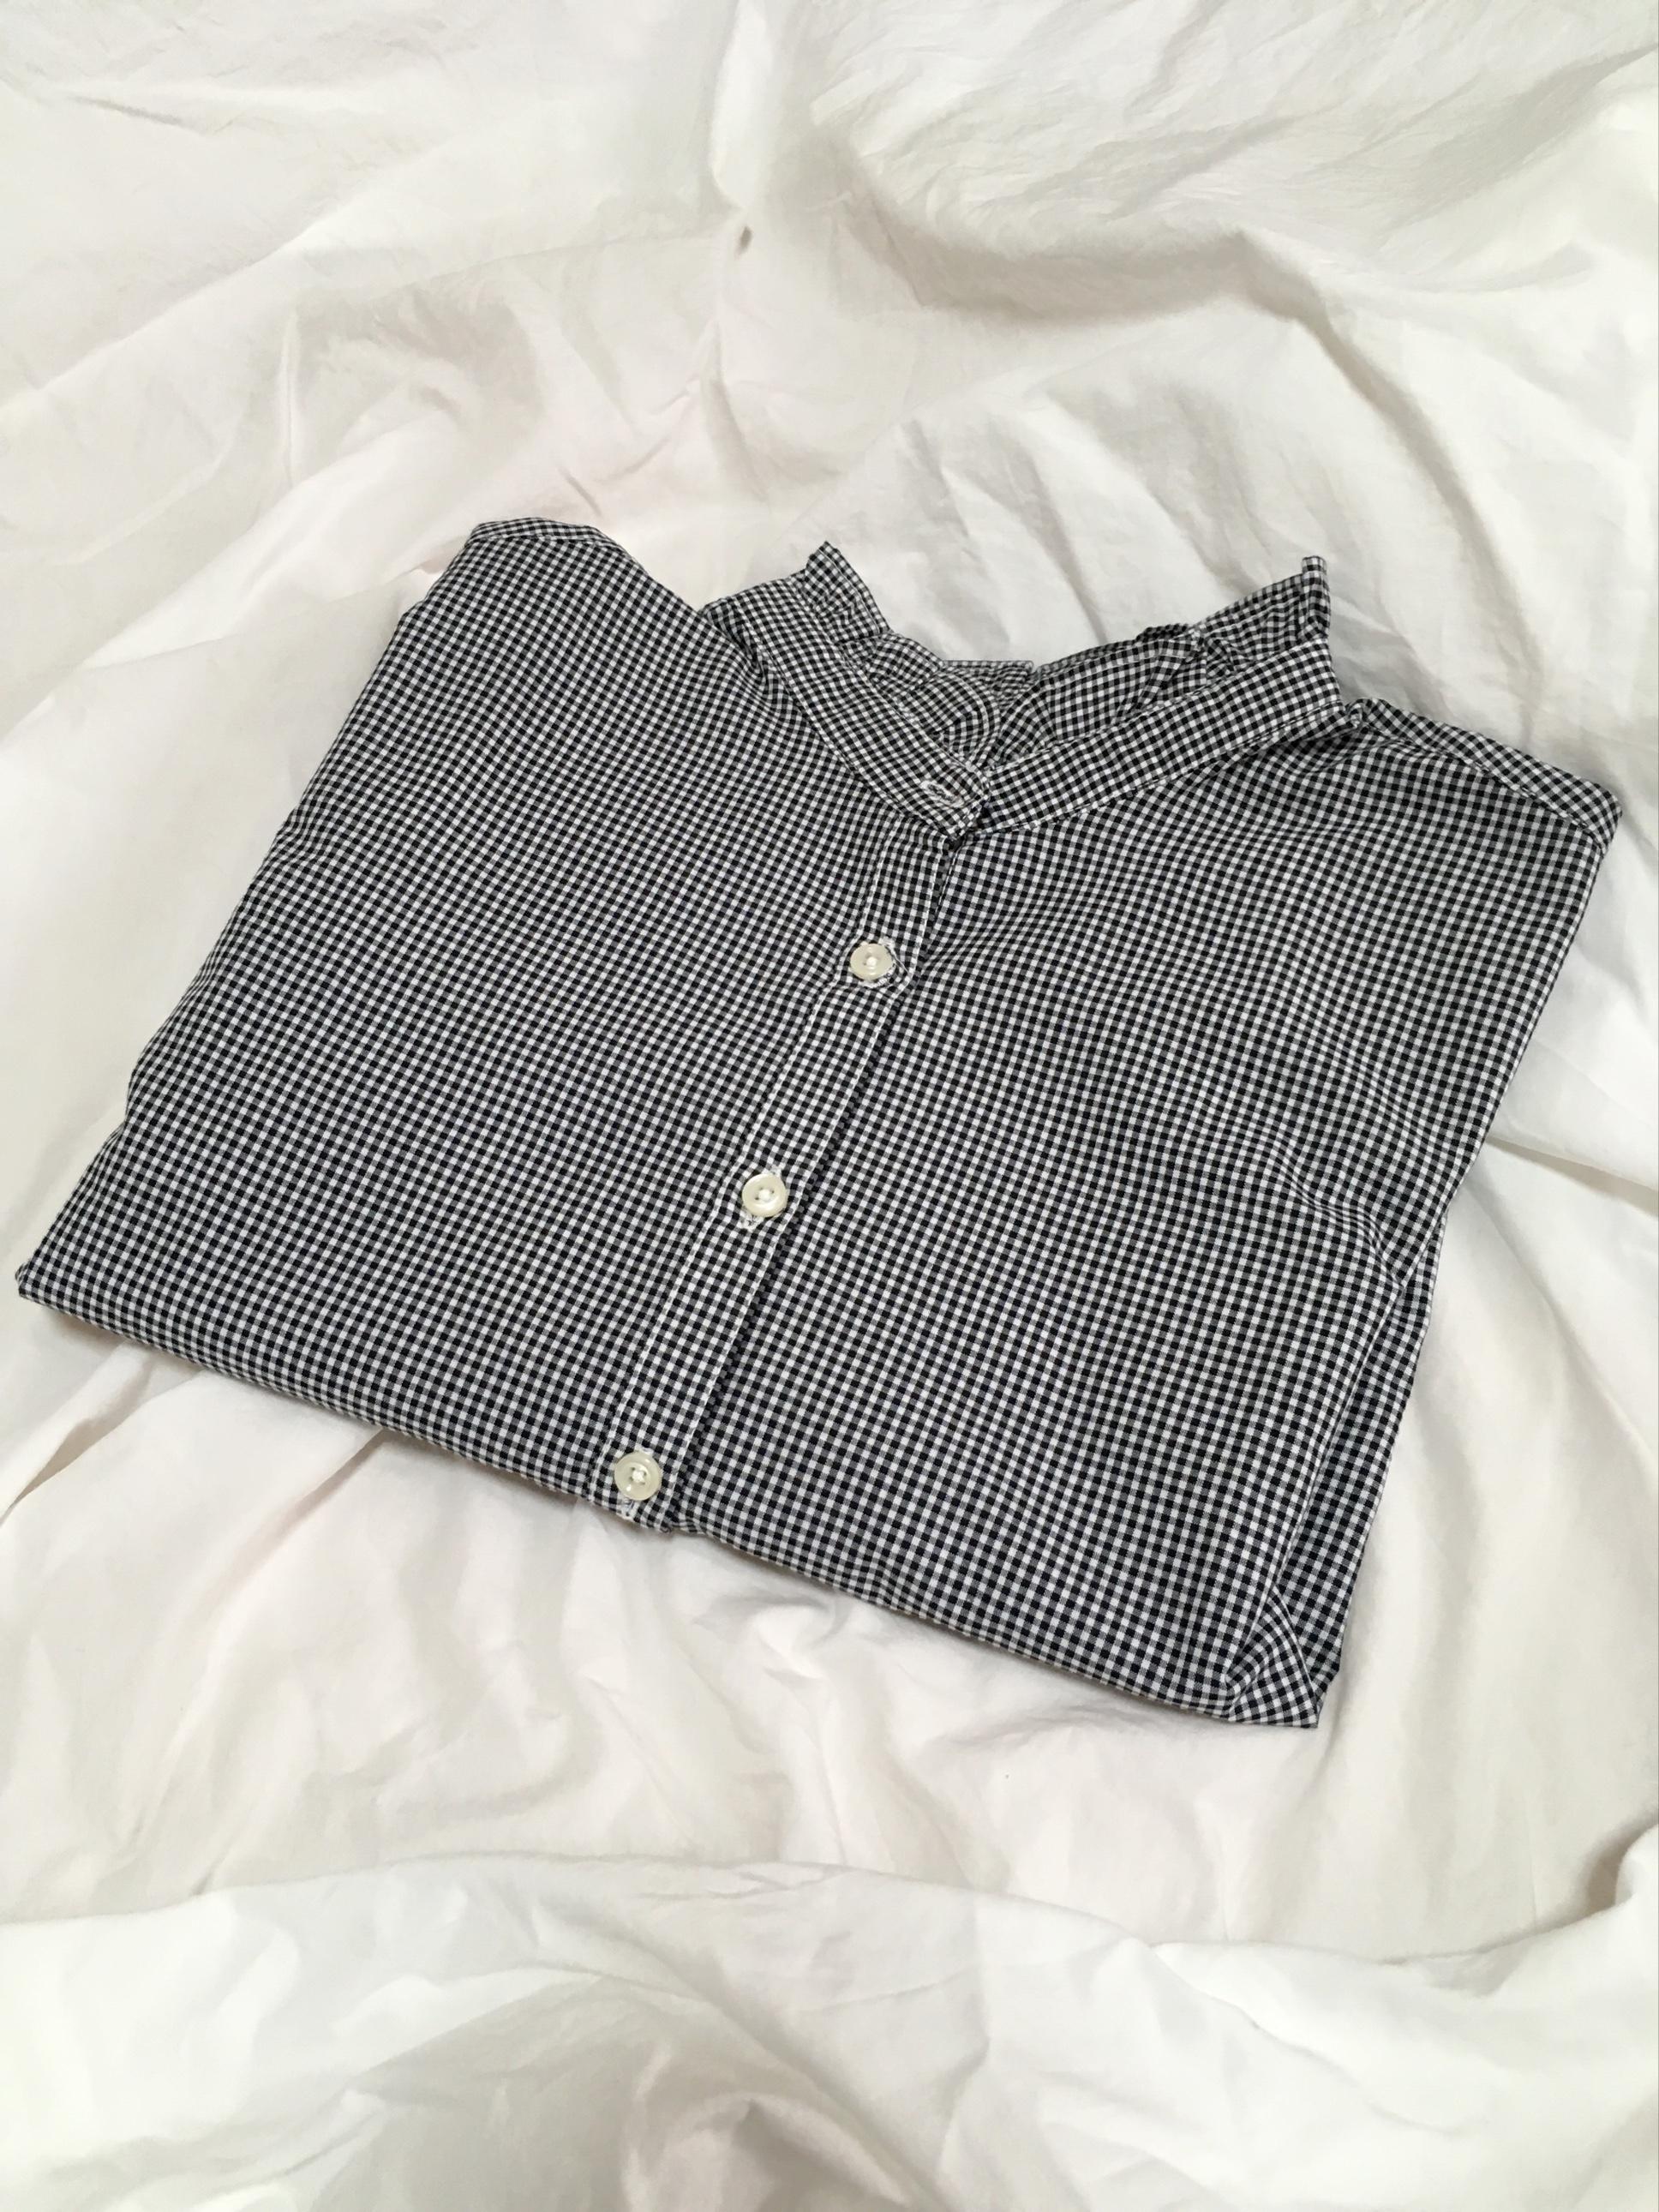 襟フリルが春らしくて可愛い♡その名もシャキシャキシャツ!_2